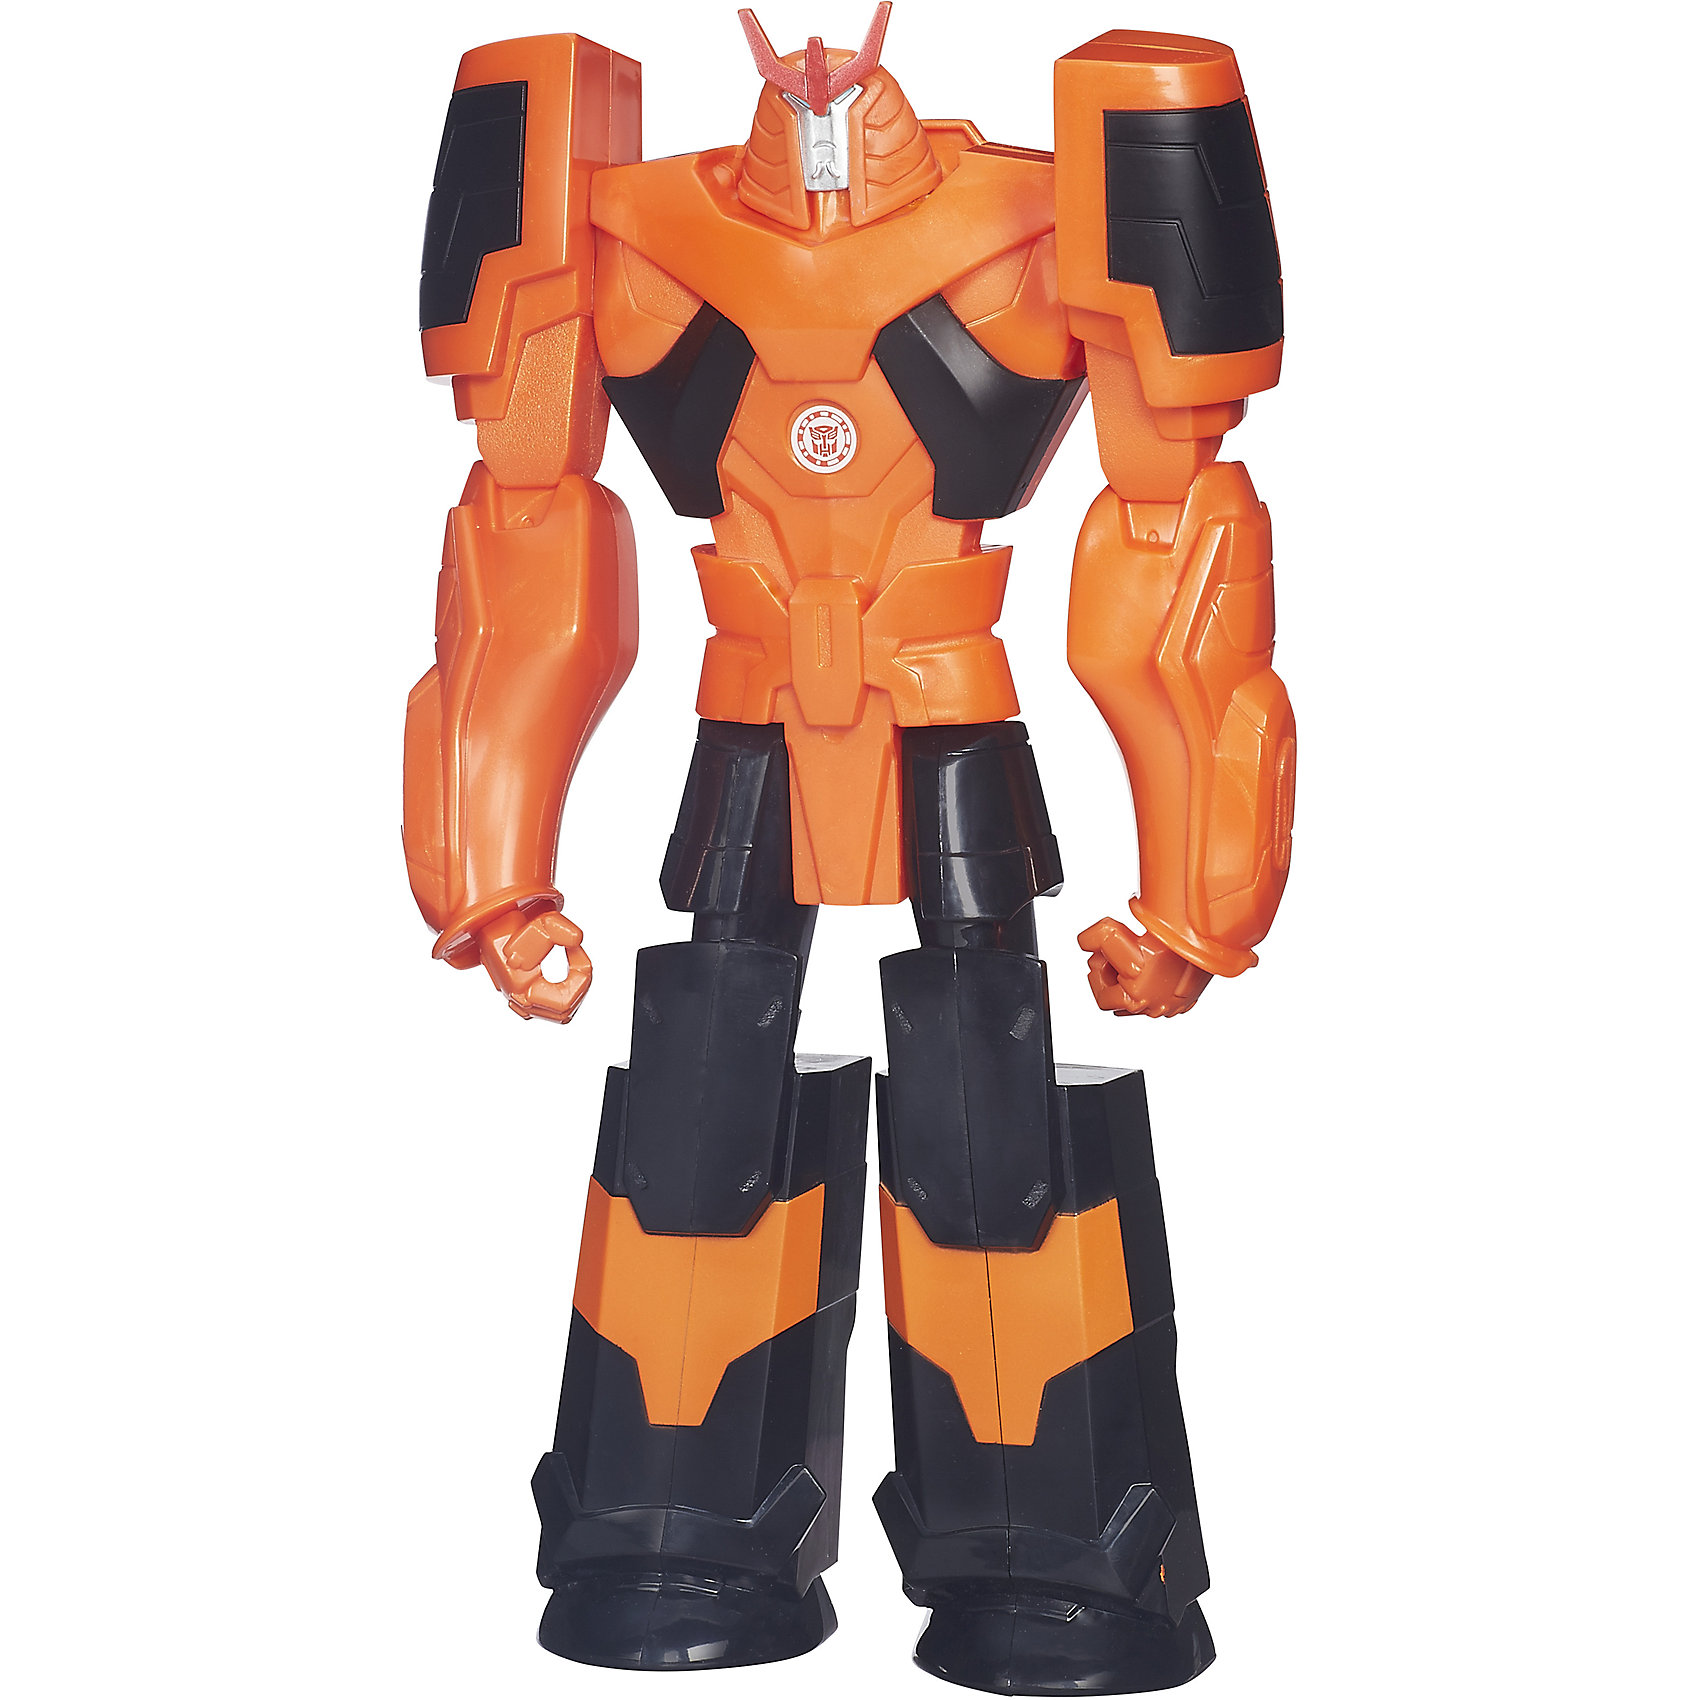 Титан: Роботы под прикрытием, 30 см, Трансформеры, B0760/B4678Игрушки<br>Титанs: Роботы под прикрытием, 30 см, Трансформеры, B0760/B4678.<br><br>Характеристики:<br><br>- В наборе: 1 трансформер<br>- Высота фигурки: 30 см.<br>- Материал: высококачественный пластик<br>- Размер упаковки: 17,5х5х30,5 см.<br><br>Робот-трансформер Дрифт от Hasbro (Хасбро) выполнен по мотивам популярного мультфильма «Роботы под прикрытием». Это очень качественная, тщательно детализированная коллекционная фигурка, которая и с точностью копирует персонажа мультфильма. У робота подвижны руки и ноги. Дрифт не трансформируется в машинку, его главная особенность заключается в том, что на груди робота расположен QR-код. Отсканировав код, вы получите множество дополнительных функций и вариантов игры в бесплатном приложении Hasbro Robots in Disguise для смартфонов и планшетов. Игрушка выполнена из высококачественного пластика и покрыта красками на водной основе. С такой замечательной фигуркой ваш ребенок будет увлеченно играть, придумывая новые истории, совершая невероятные миссии, попадая в захватывающие приключения!<br><br>Фигурку Титан: Роботы под прикрытием, 30 см, Трансформеры, B0760/B4678 можно купить в нашем интернет-магазине.<br><br>Ширина мм: 49<br>Глубина мм: 172<br>Высота мм: 800<br>Вес г: 424<br>Возраст от месяцев: 48<br>Возраст до месяцев: 144<br>Пол: Мужской<br>Возраст: Детский<br>SKU: 5064674